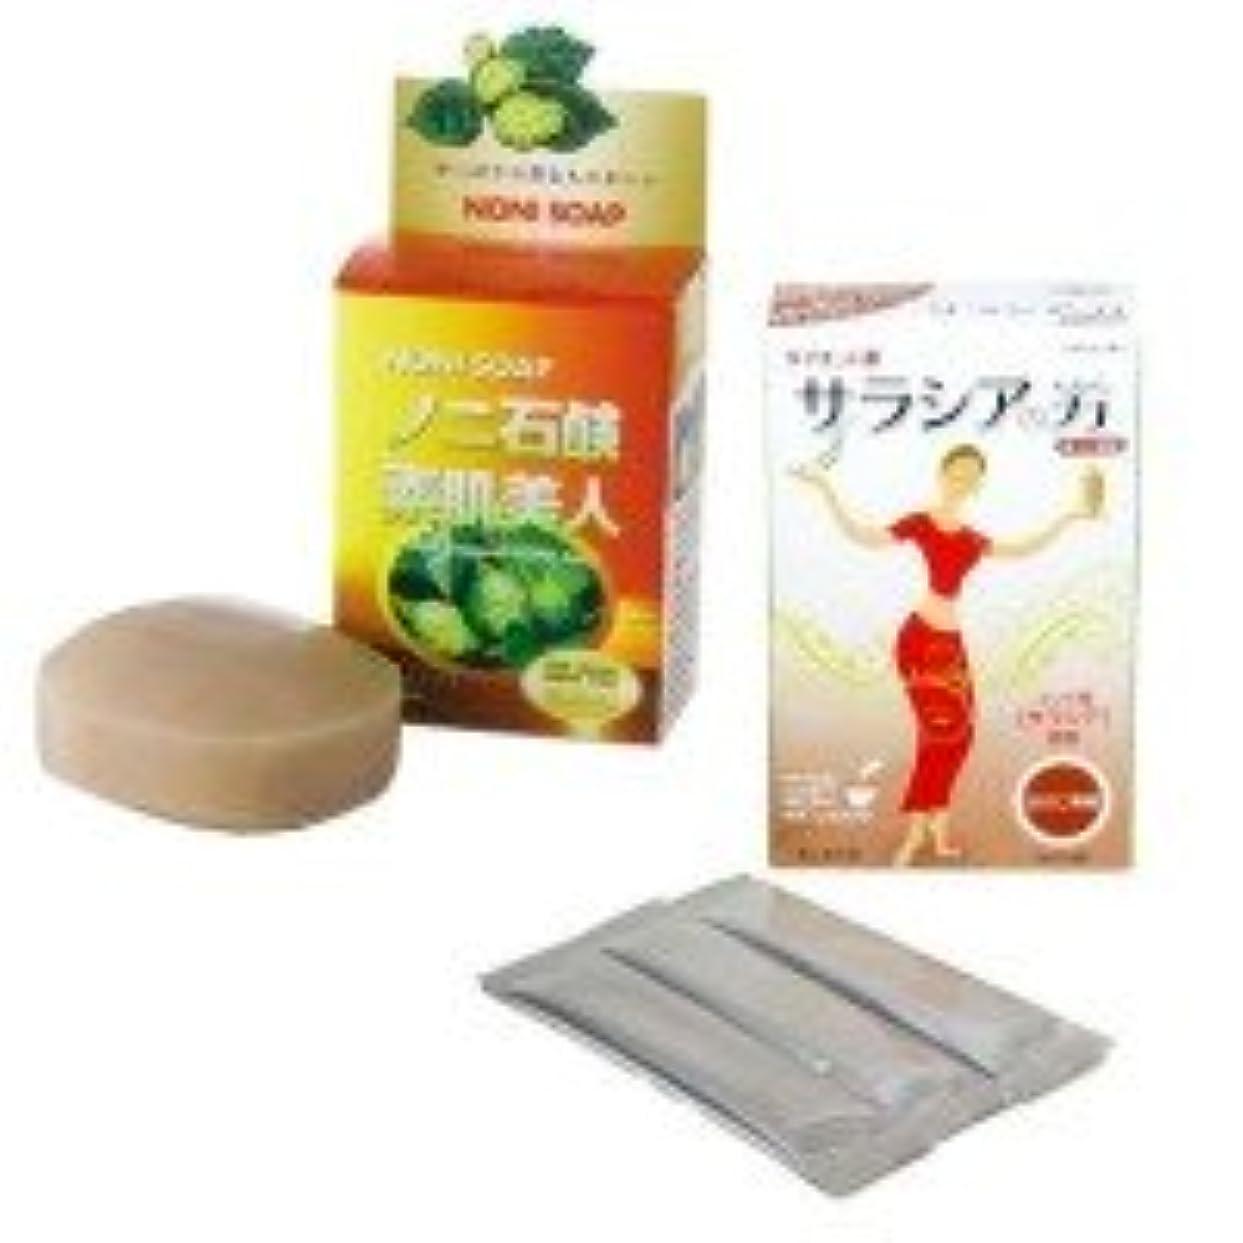 事業内容シットコム磁石ノニ石鹸 素肌美人 100g & サラシアの力 ほうじ茶味 (1g×18包)